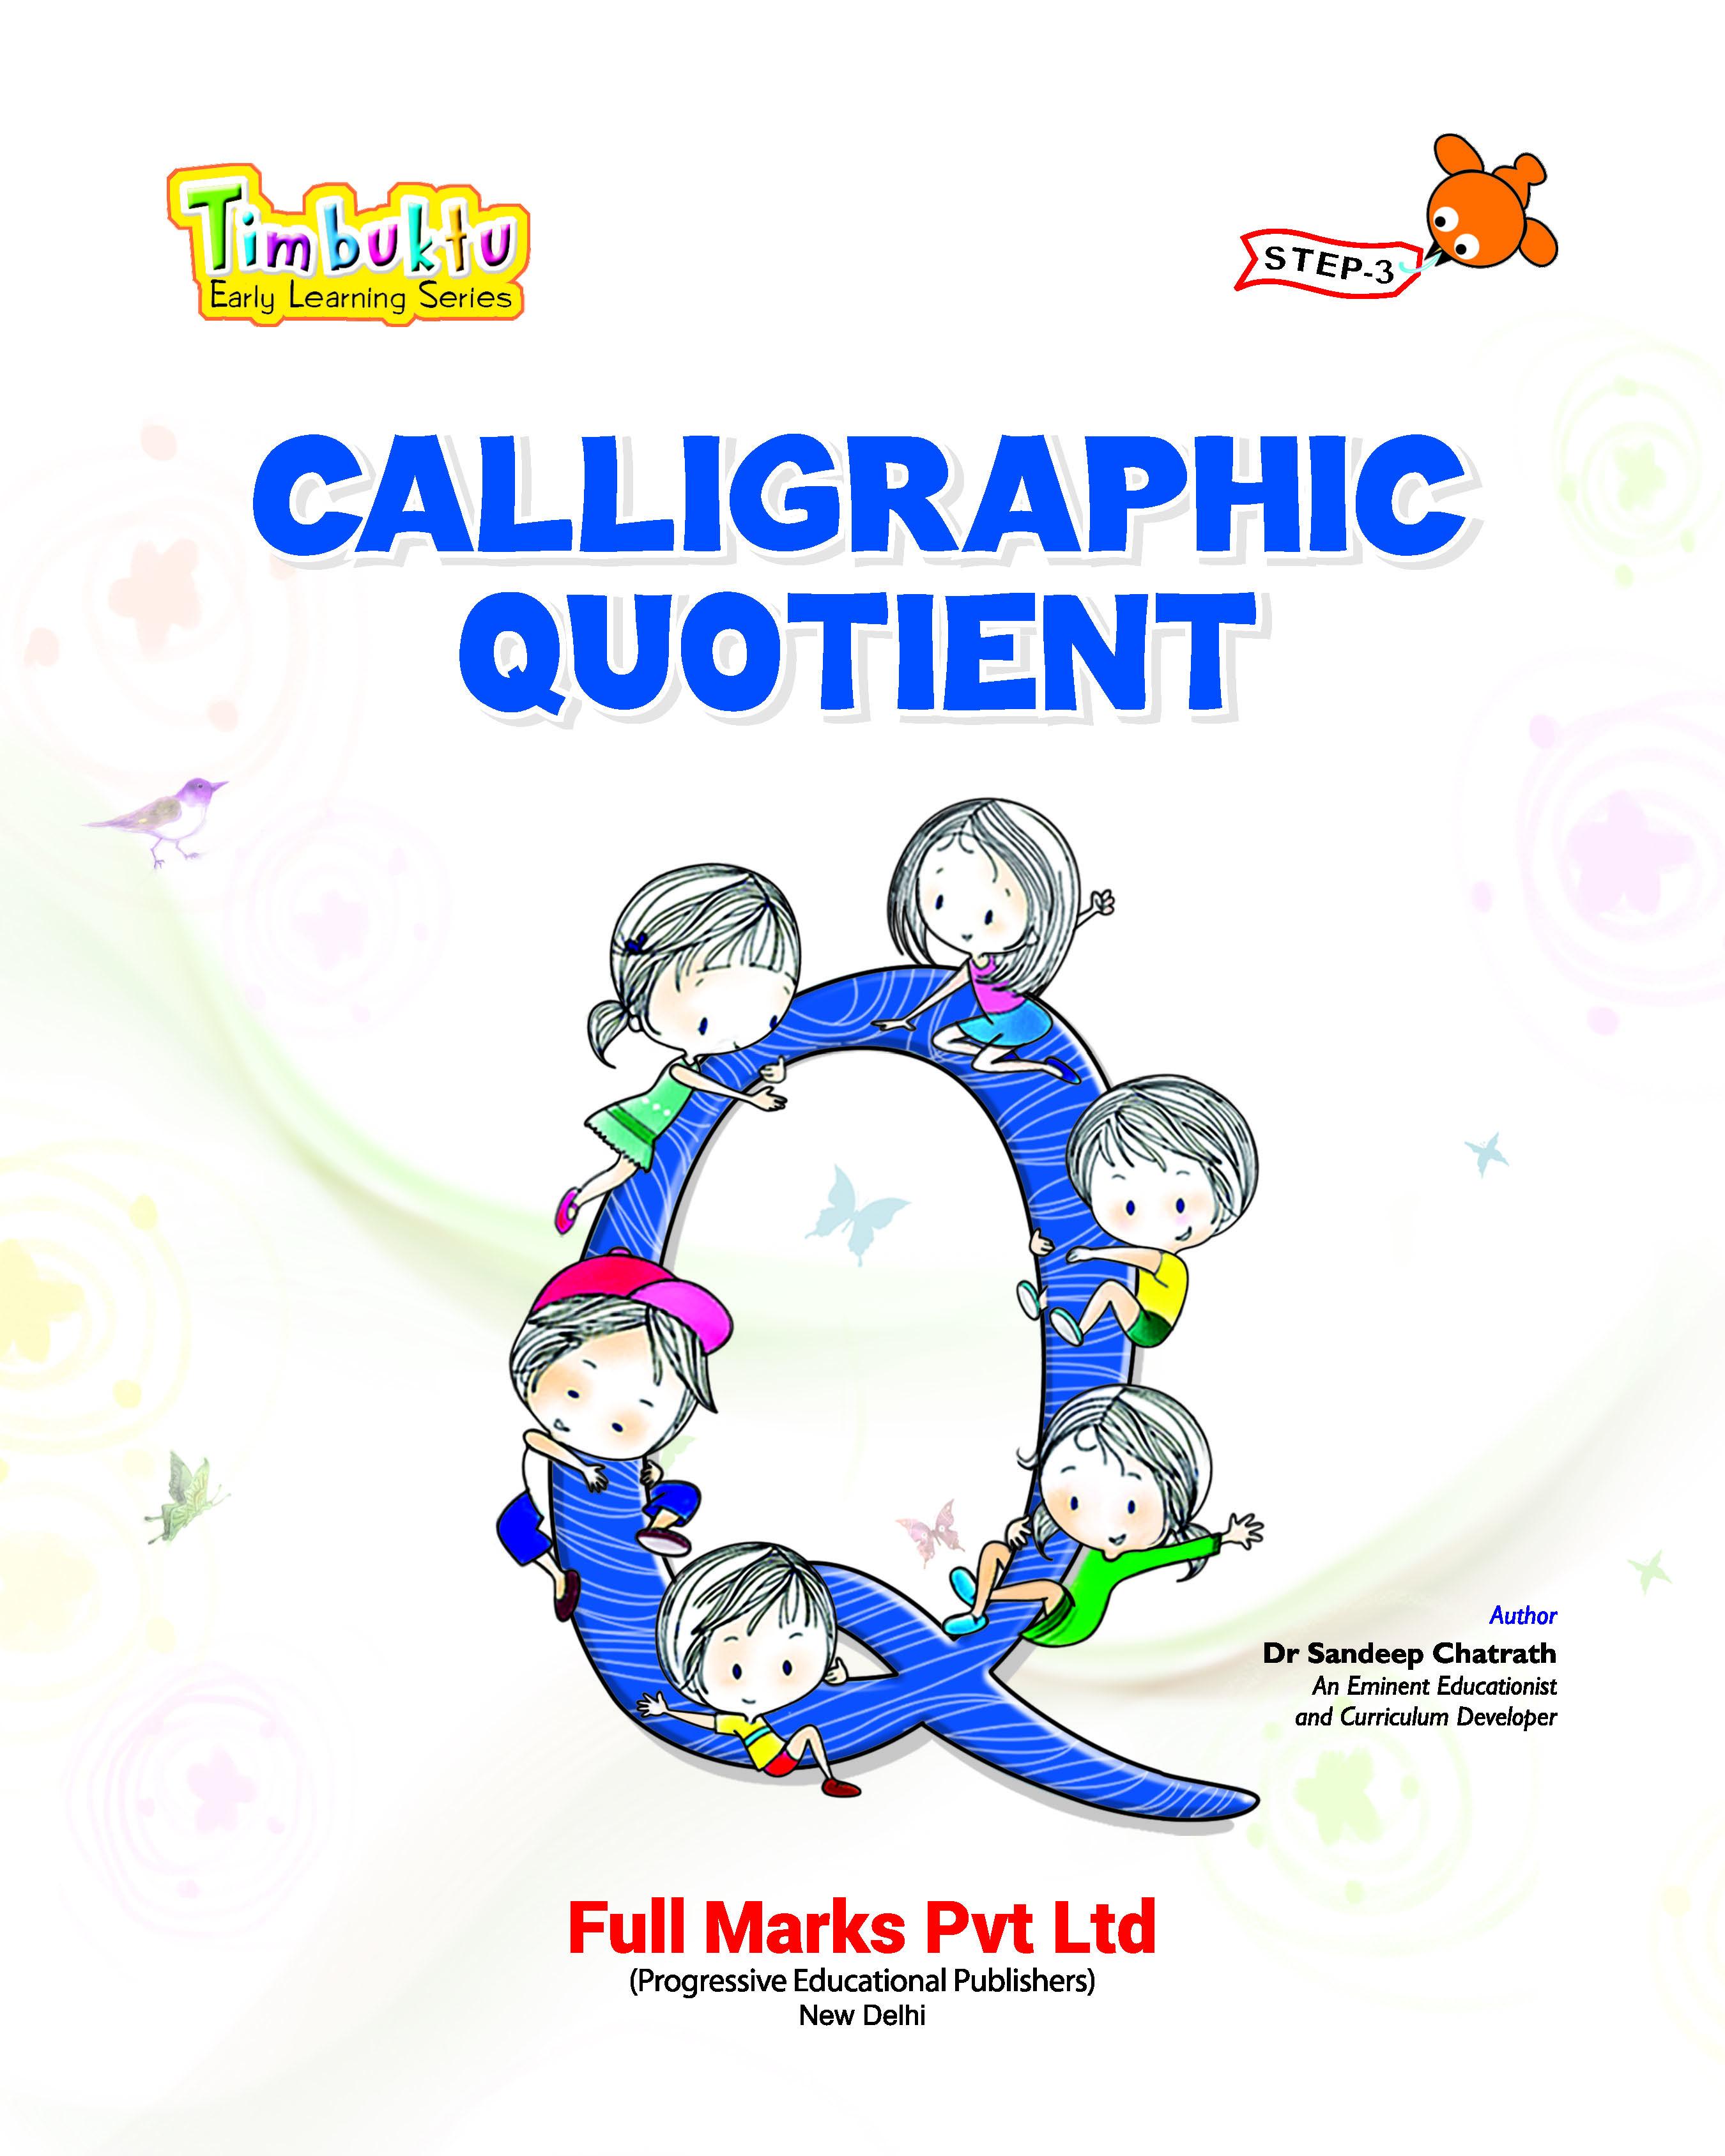 Calligraphic Quotient Step 3